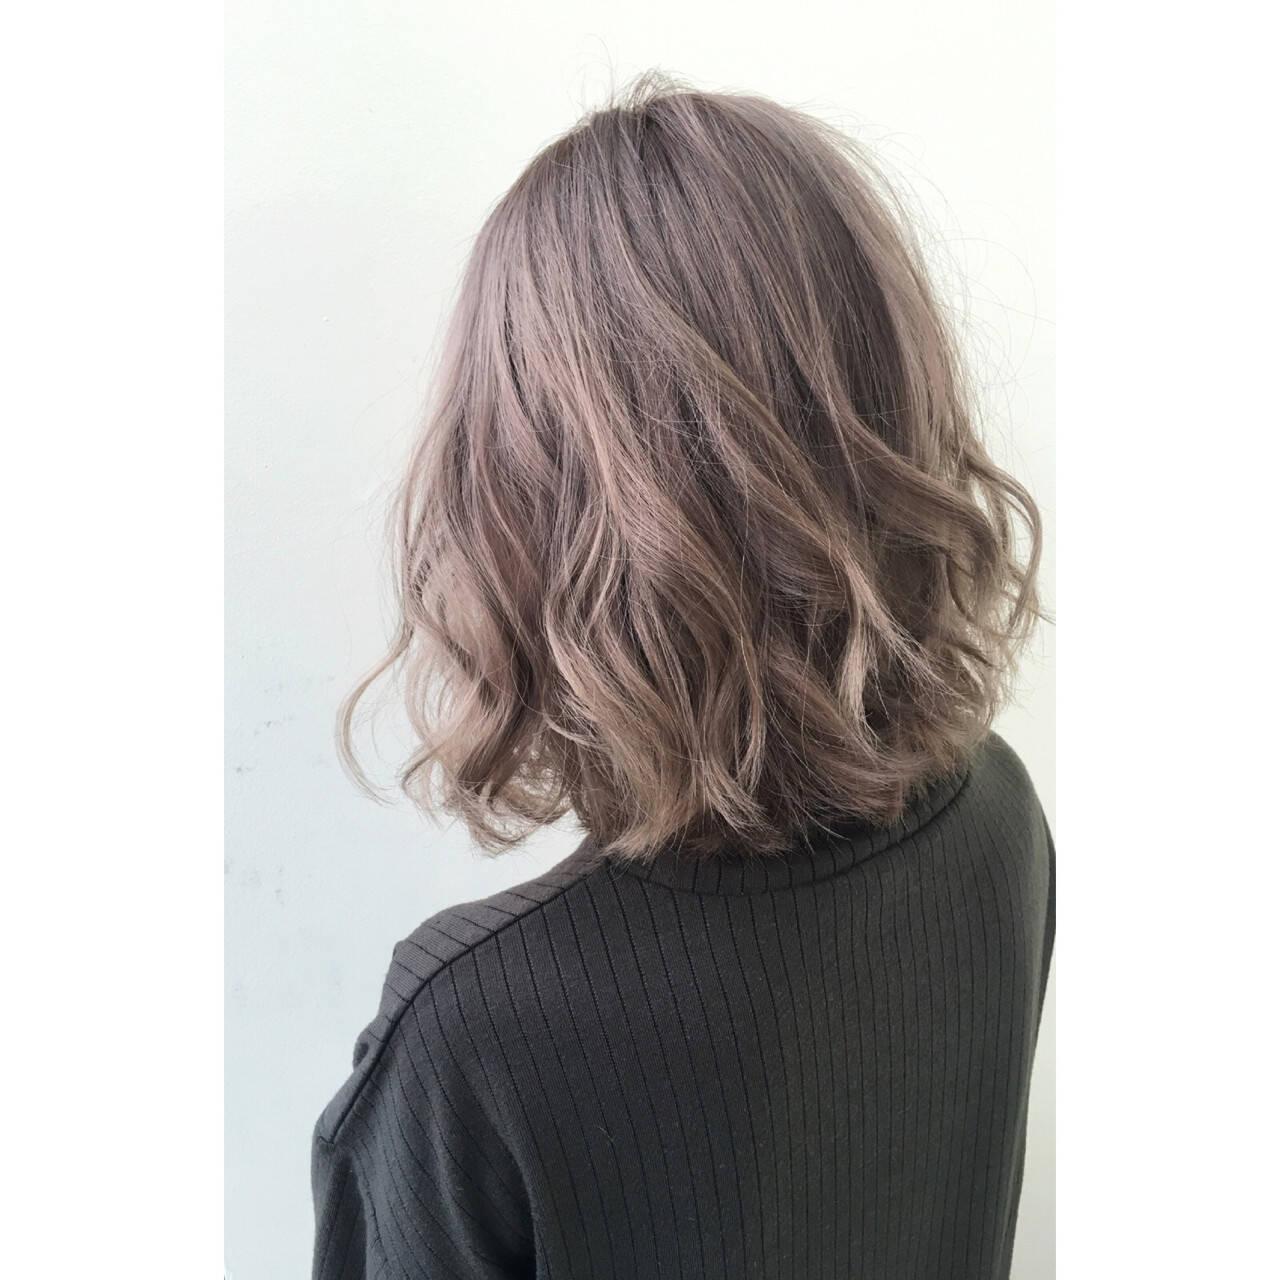 ゆるふわ ハイライト グラデーションカラー セミロングヘアスタイルや髪型の写真・画像